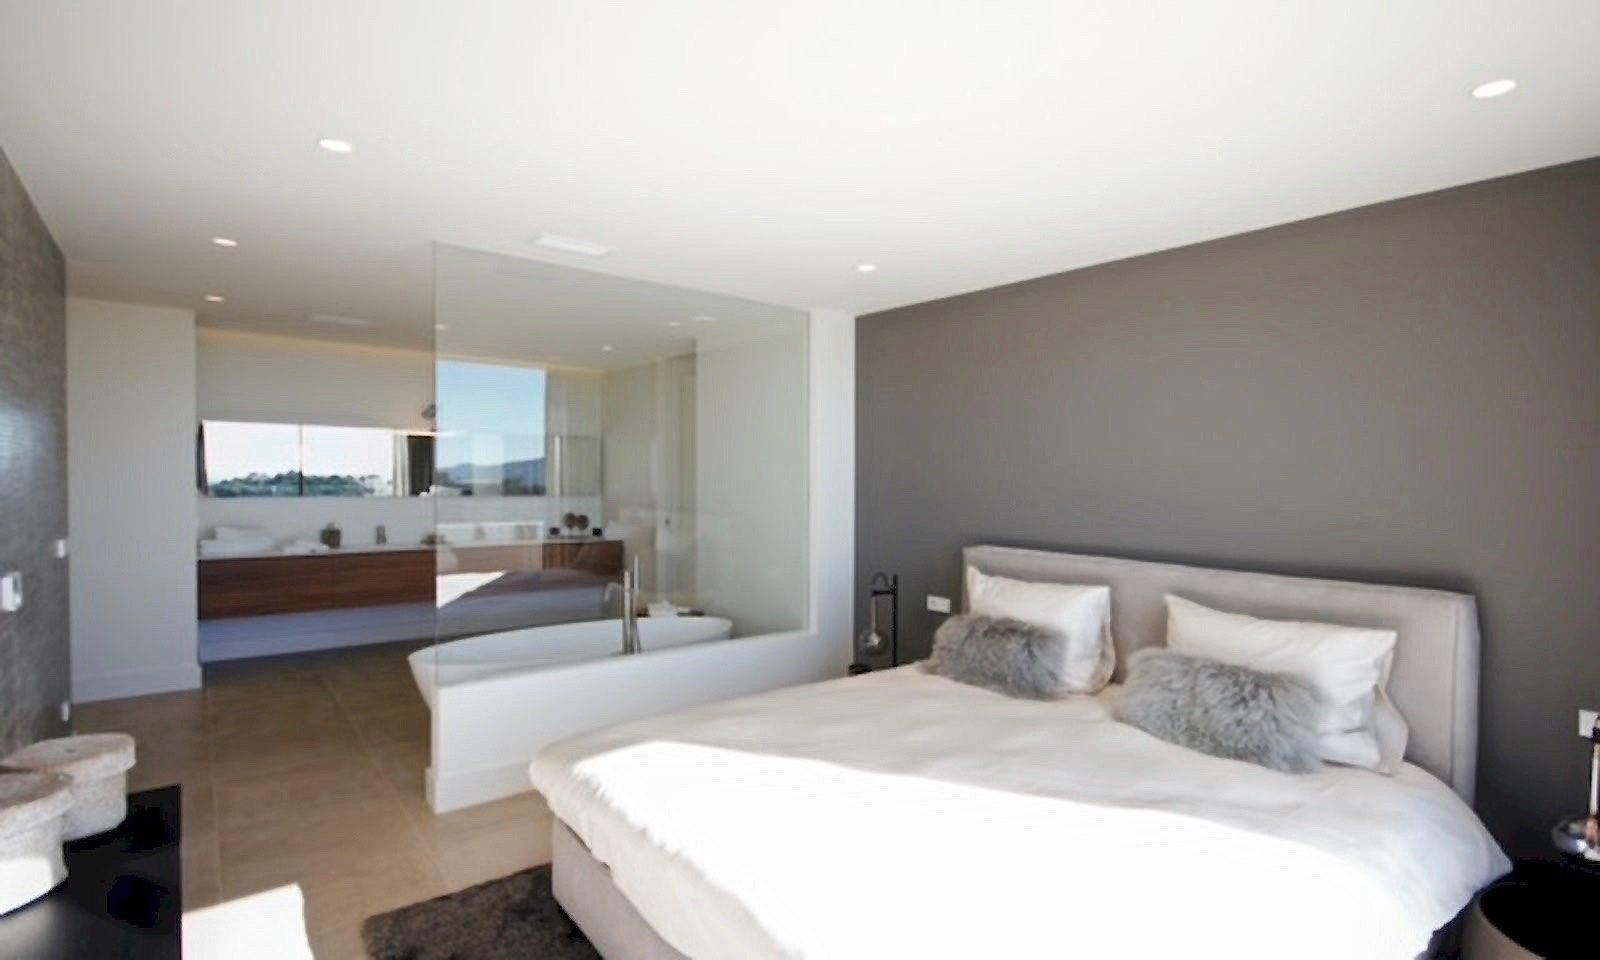 New Modern Oba Villa for Sale in Altea - Costa Blanca